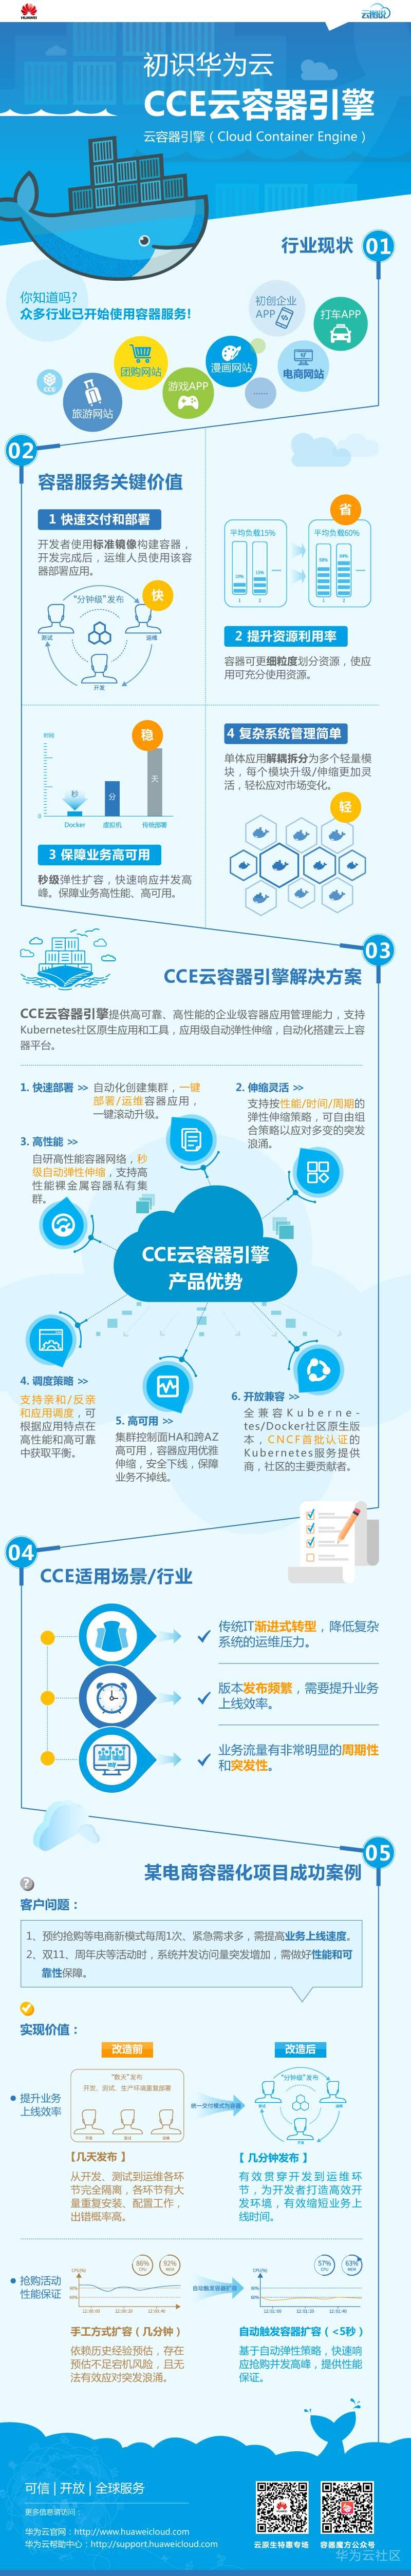 初识华为云CCE云容器引擎.png